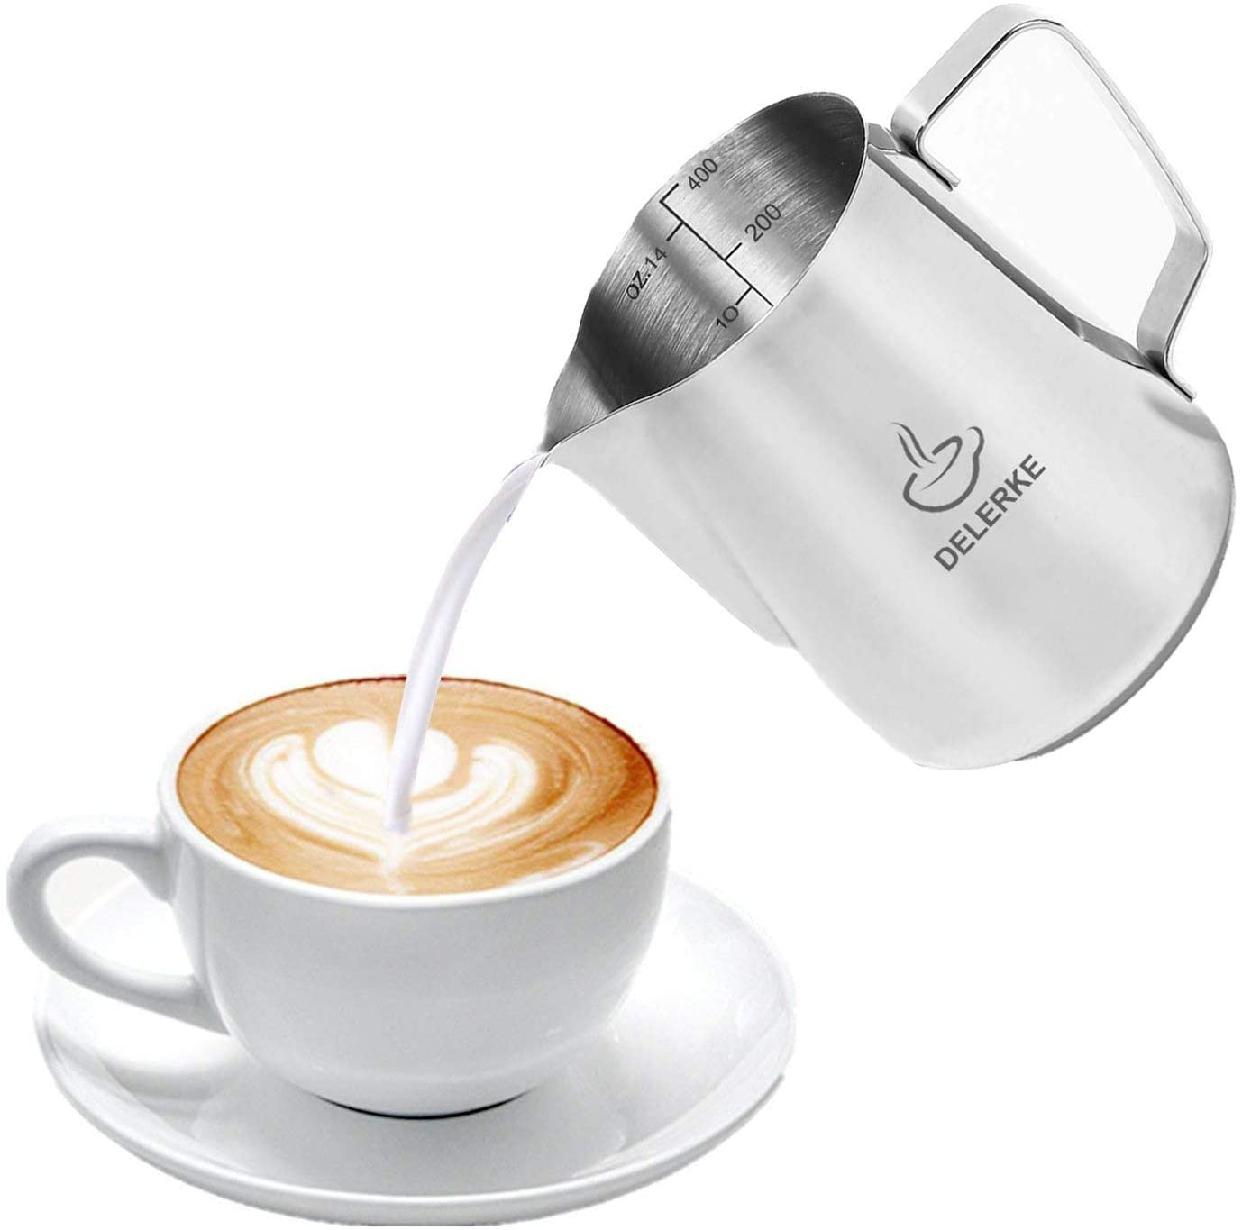 DELERKE(デラーク)ミルク ピッチャー 400ml シルバーの商品画像3